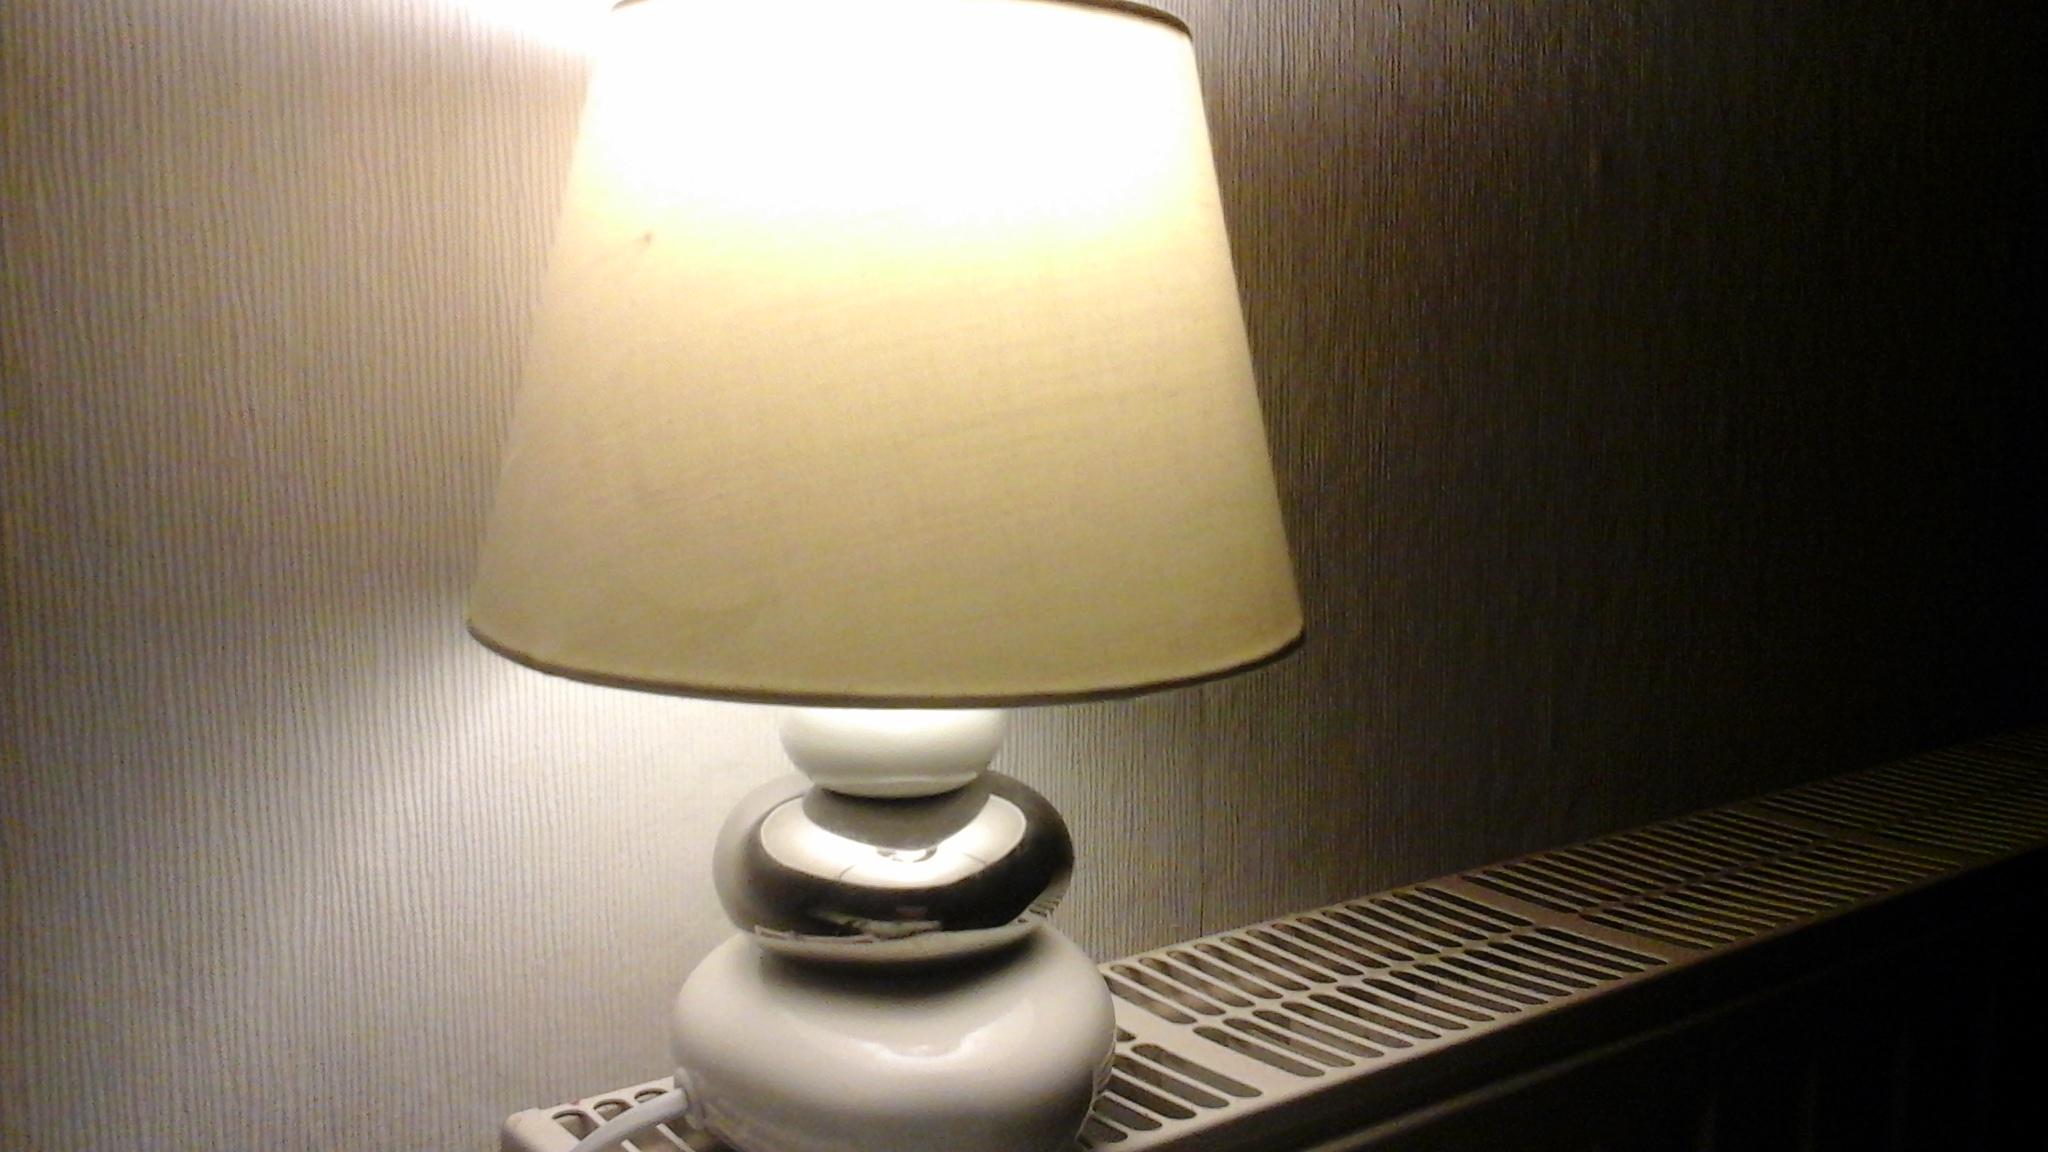 kann ich meine 40 watt lampe die nacht anlassen kann es brennen kann sie kaputt gehen strom. Black Bedroom Furniture Sets. Home Design Ideas